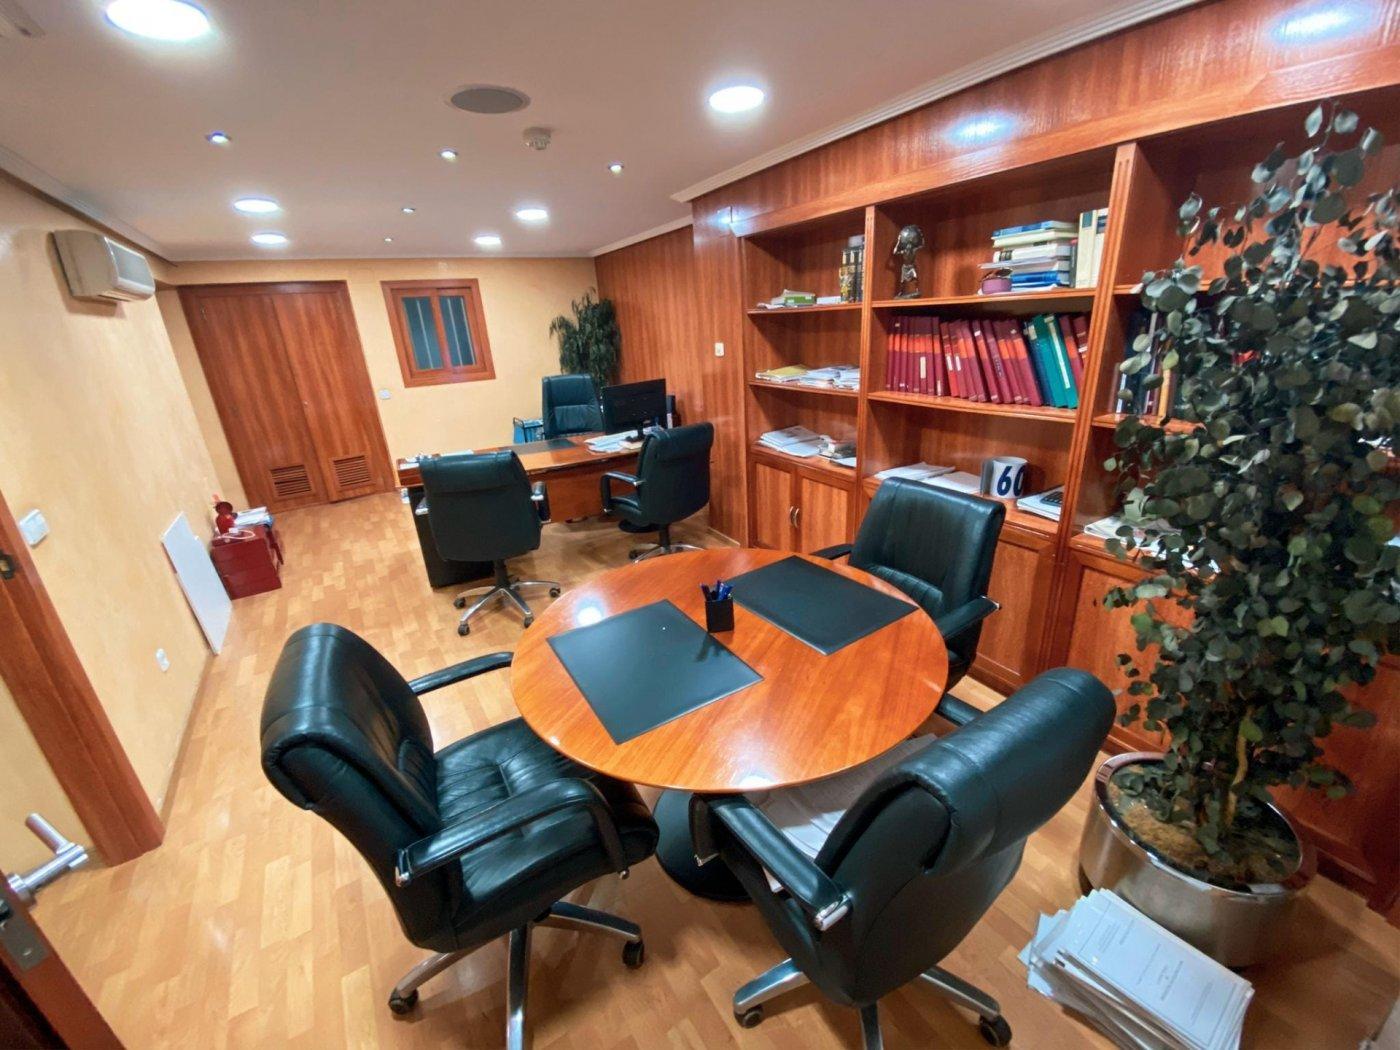 Imagen 1 de Oficina en alquiler